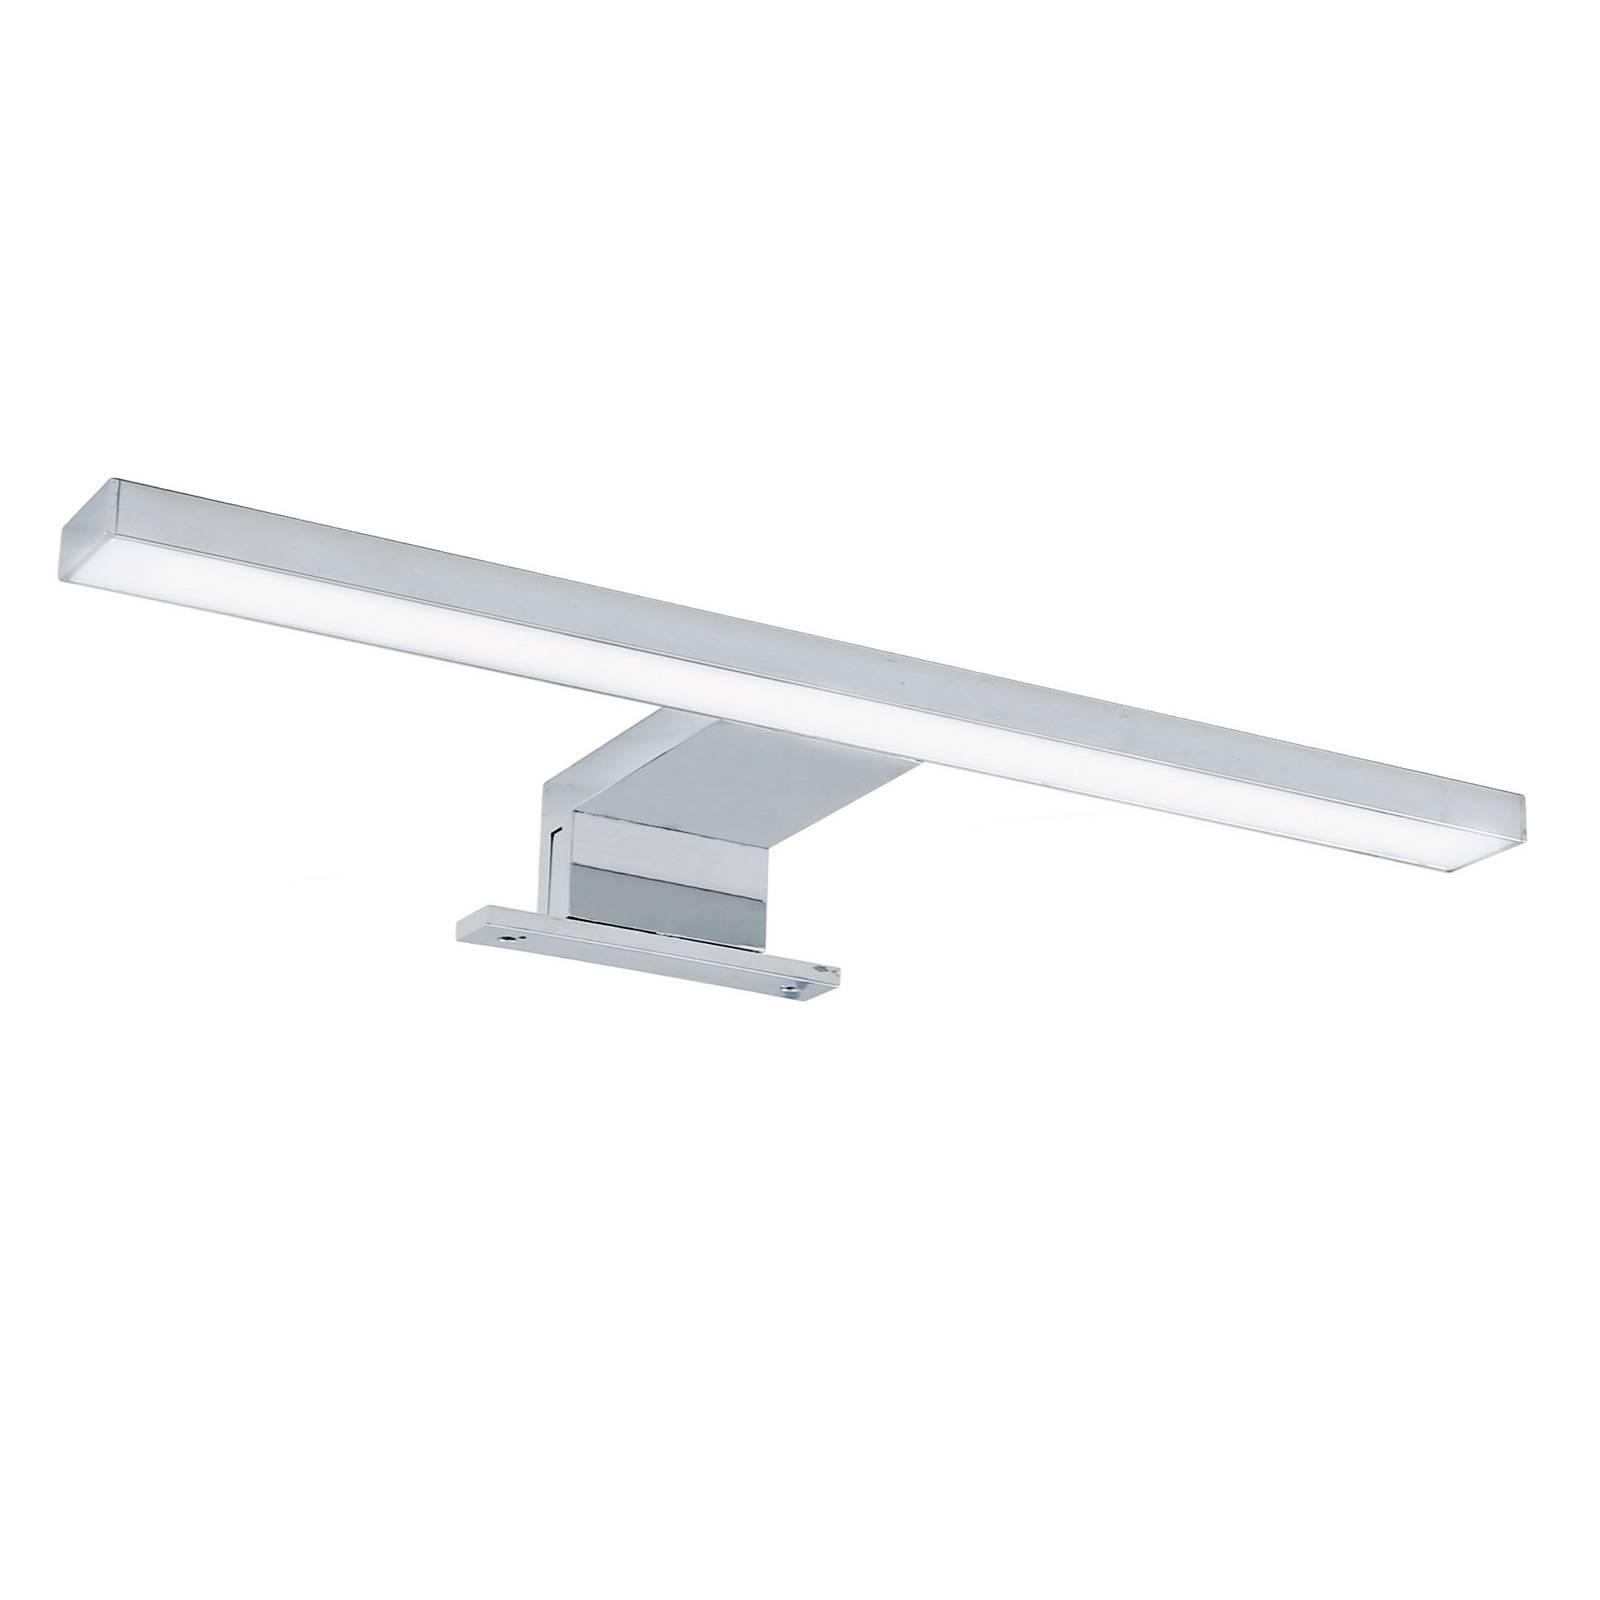 Lampada LED da specchio 2104 30cm